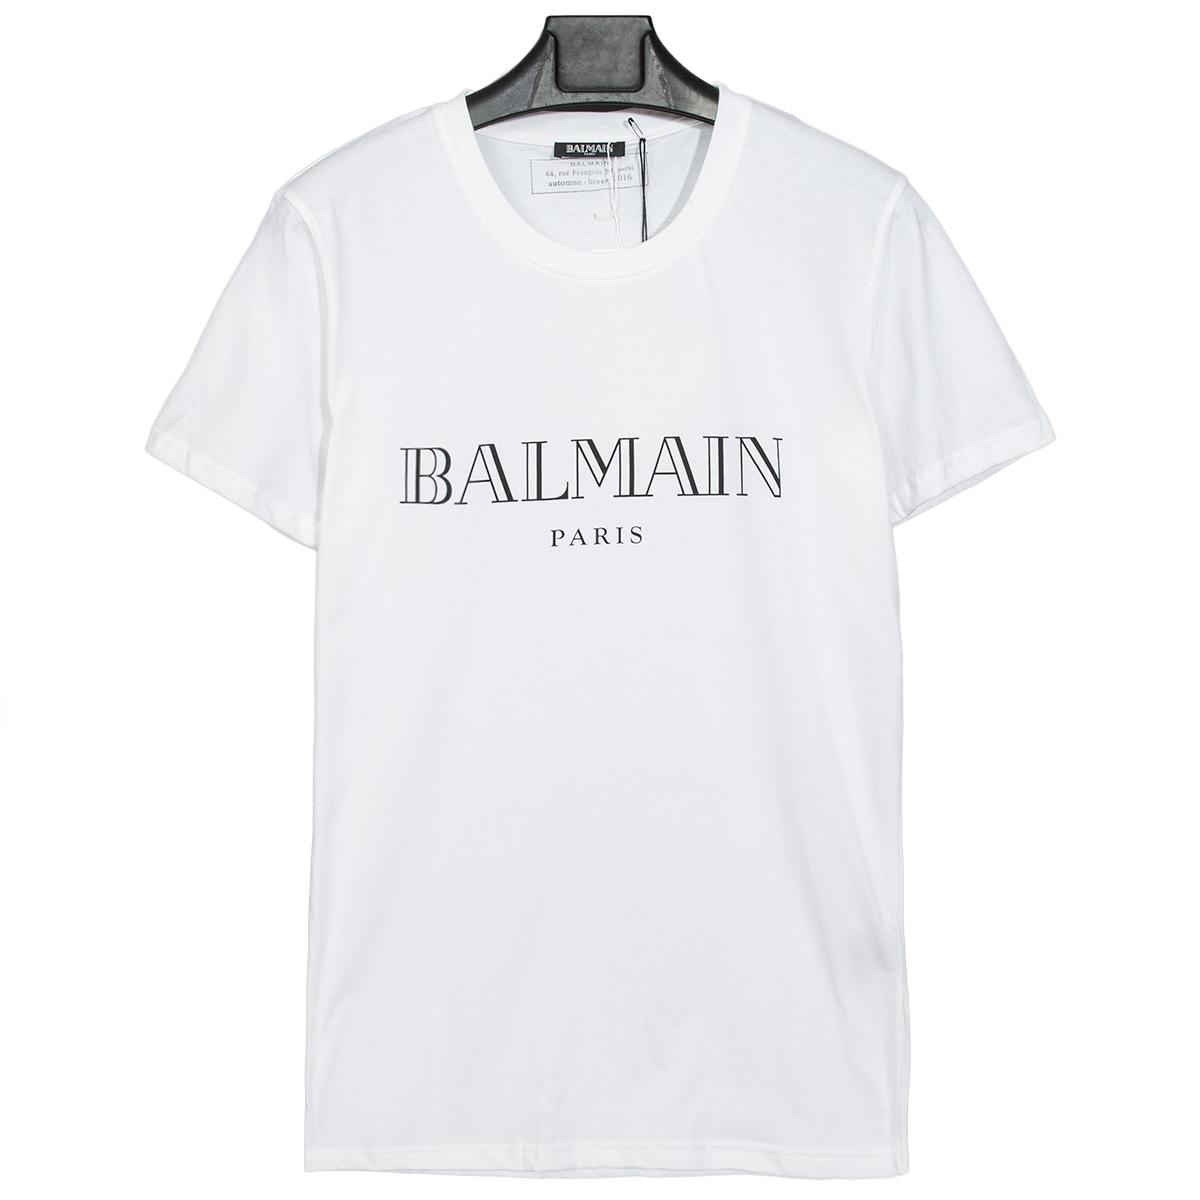 เสื้อ BALMAIN T-SHIRT LOGO เสื้อยืด สกรีน โลโก้ BALMAIN ตรงด้านหน้าของตัวเสื้อ สินค้ามีป้ายแท็ก และ ติดป้ายแบรนด์ BALMAIN PARIS แบบ ของแท้ 1